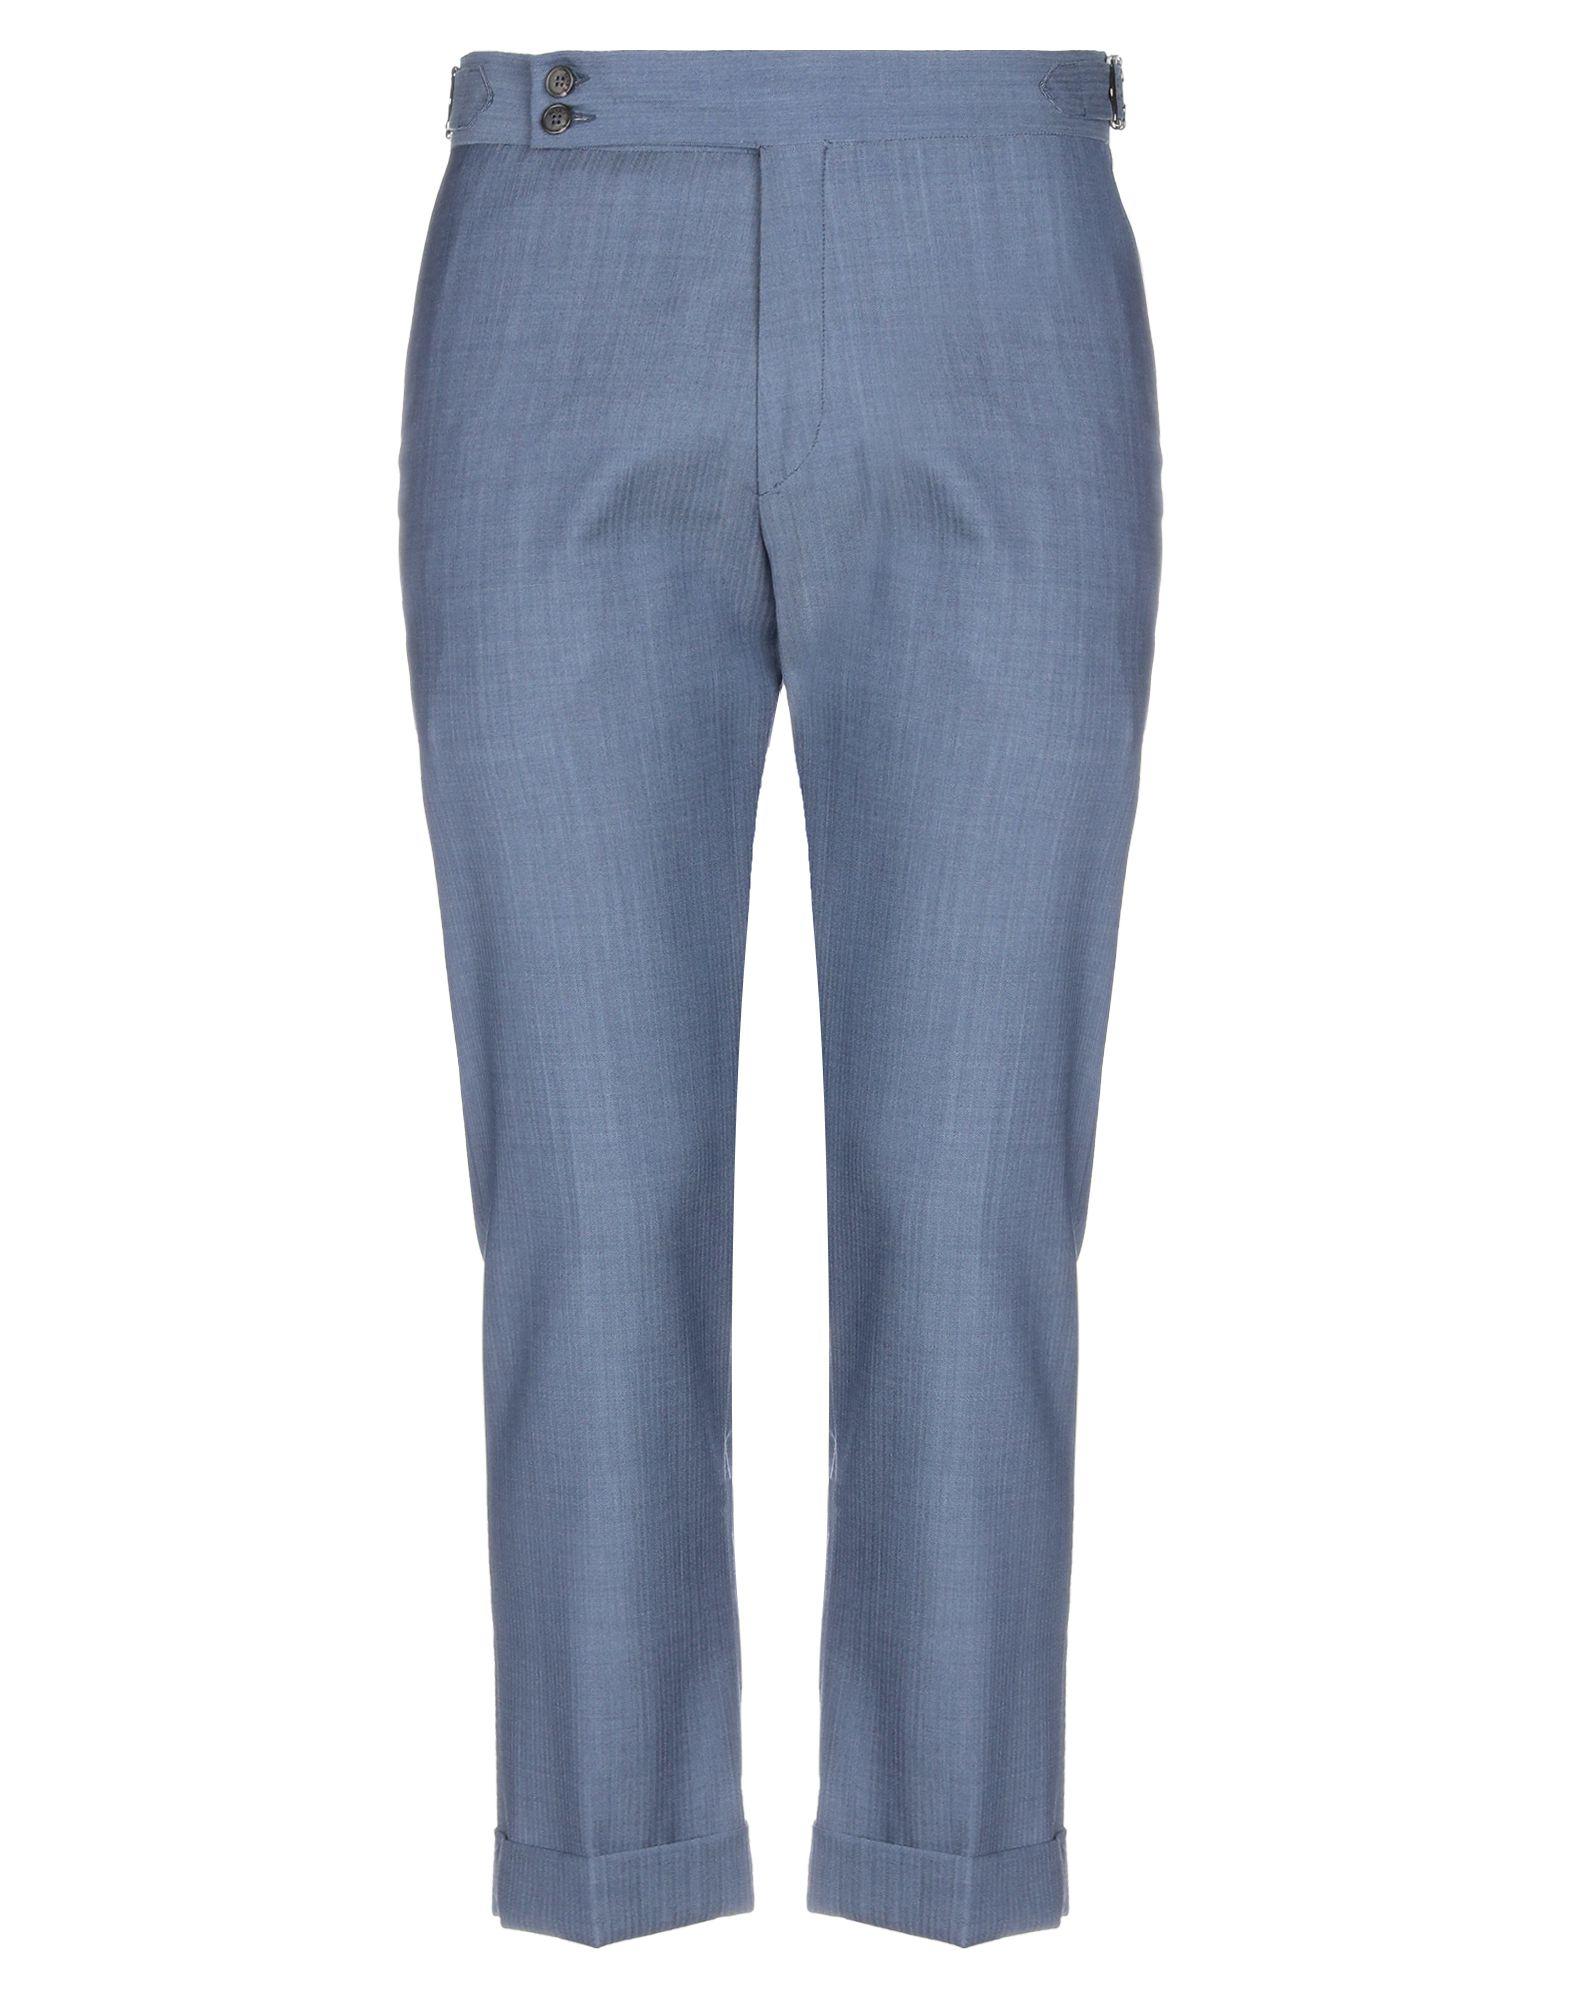 《セール開催中》BE ABLE メンズ パンツ ブルーグレー 33 コットン 100%